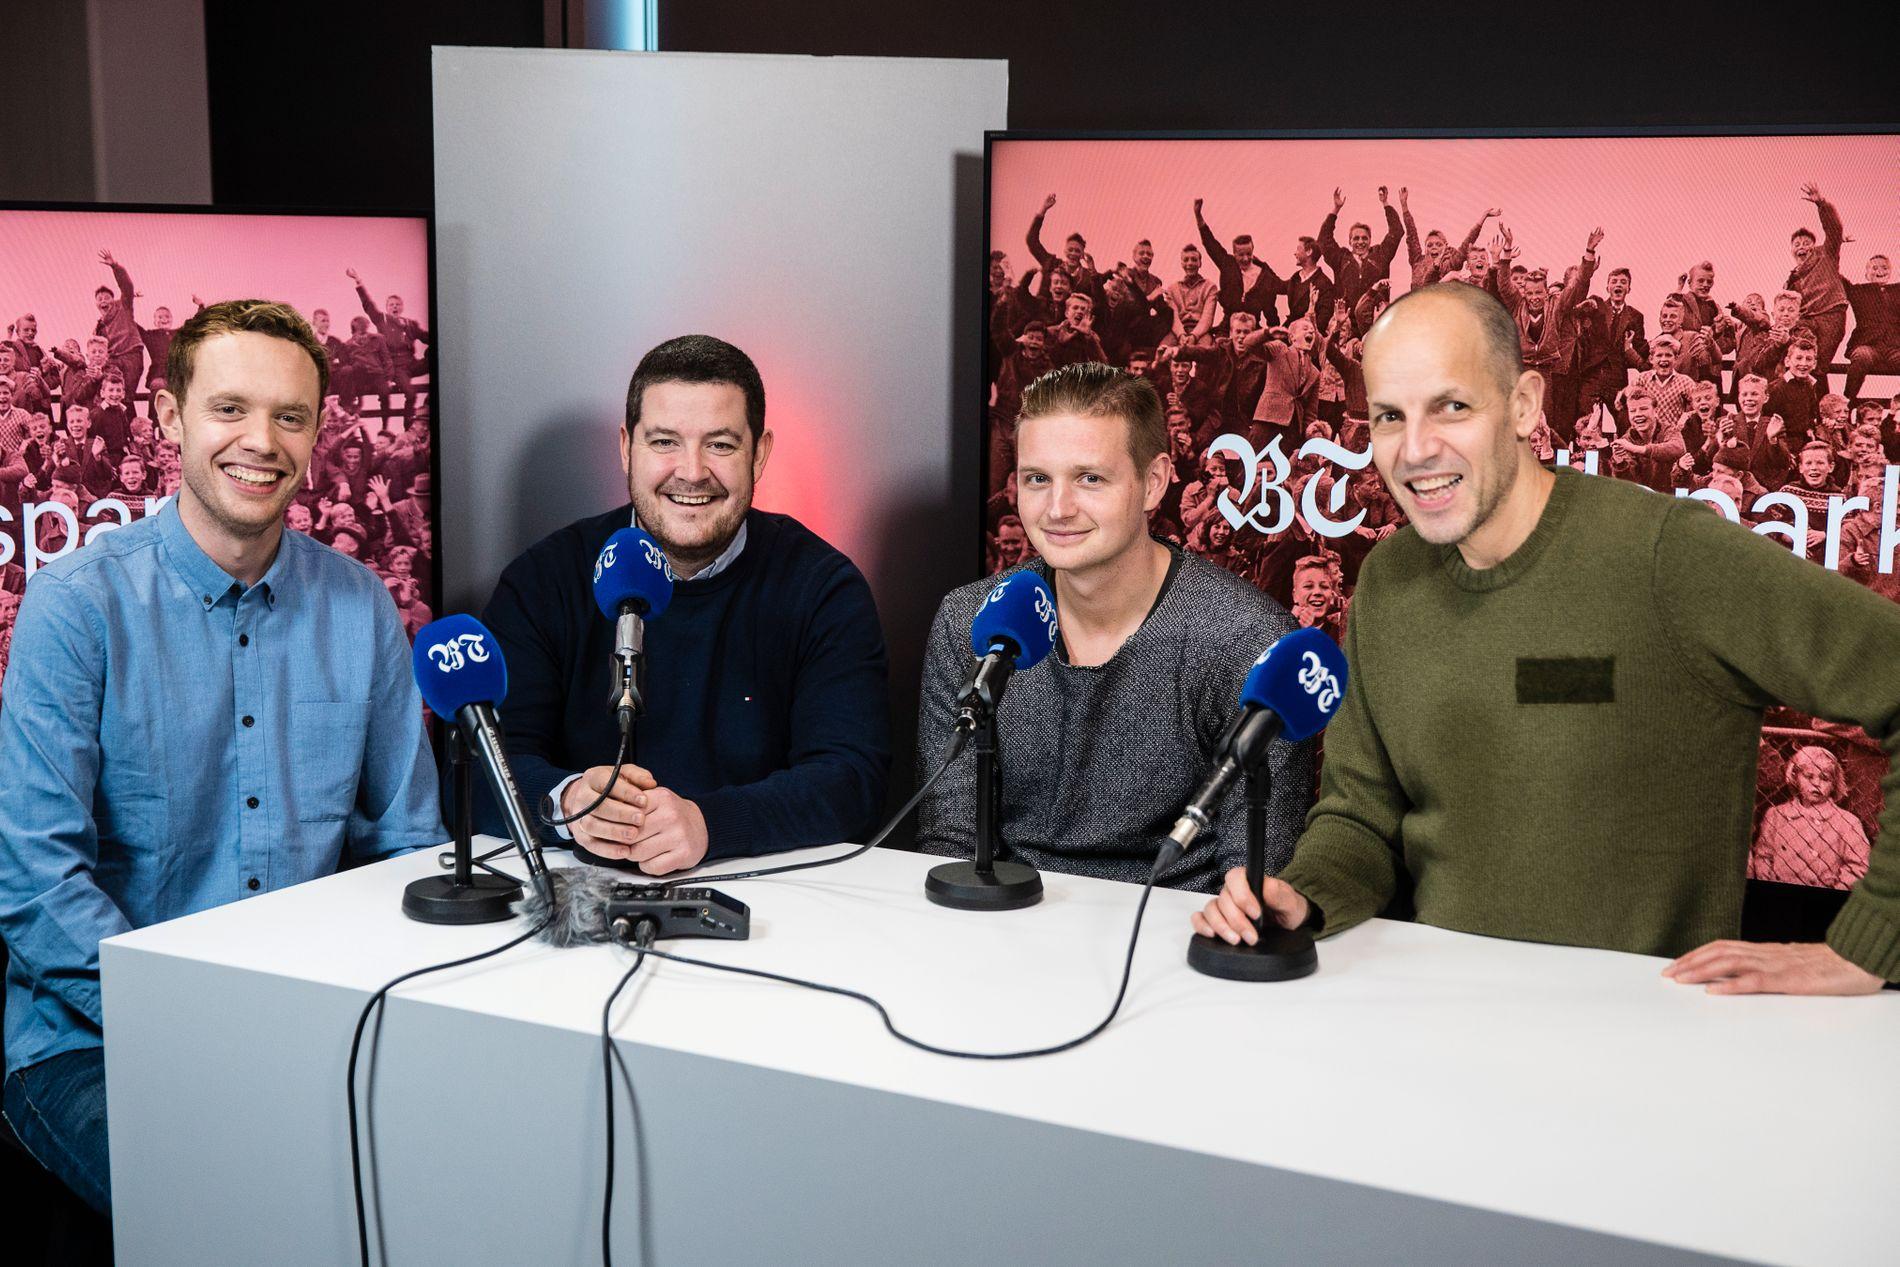 EUROPA-DRØM: Brann drømmer om gruppespill i Europaligaen. Det blir ikke enkelt, mener Doddo og Erik Huseklepp.